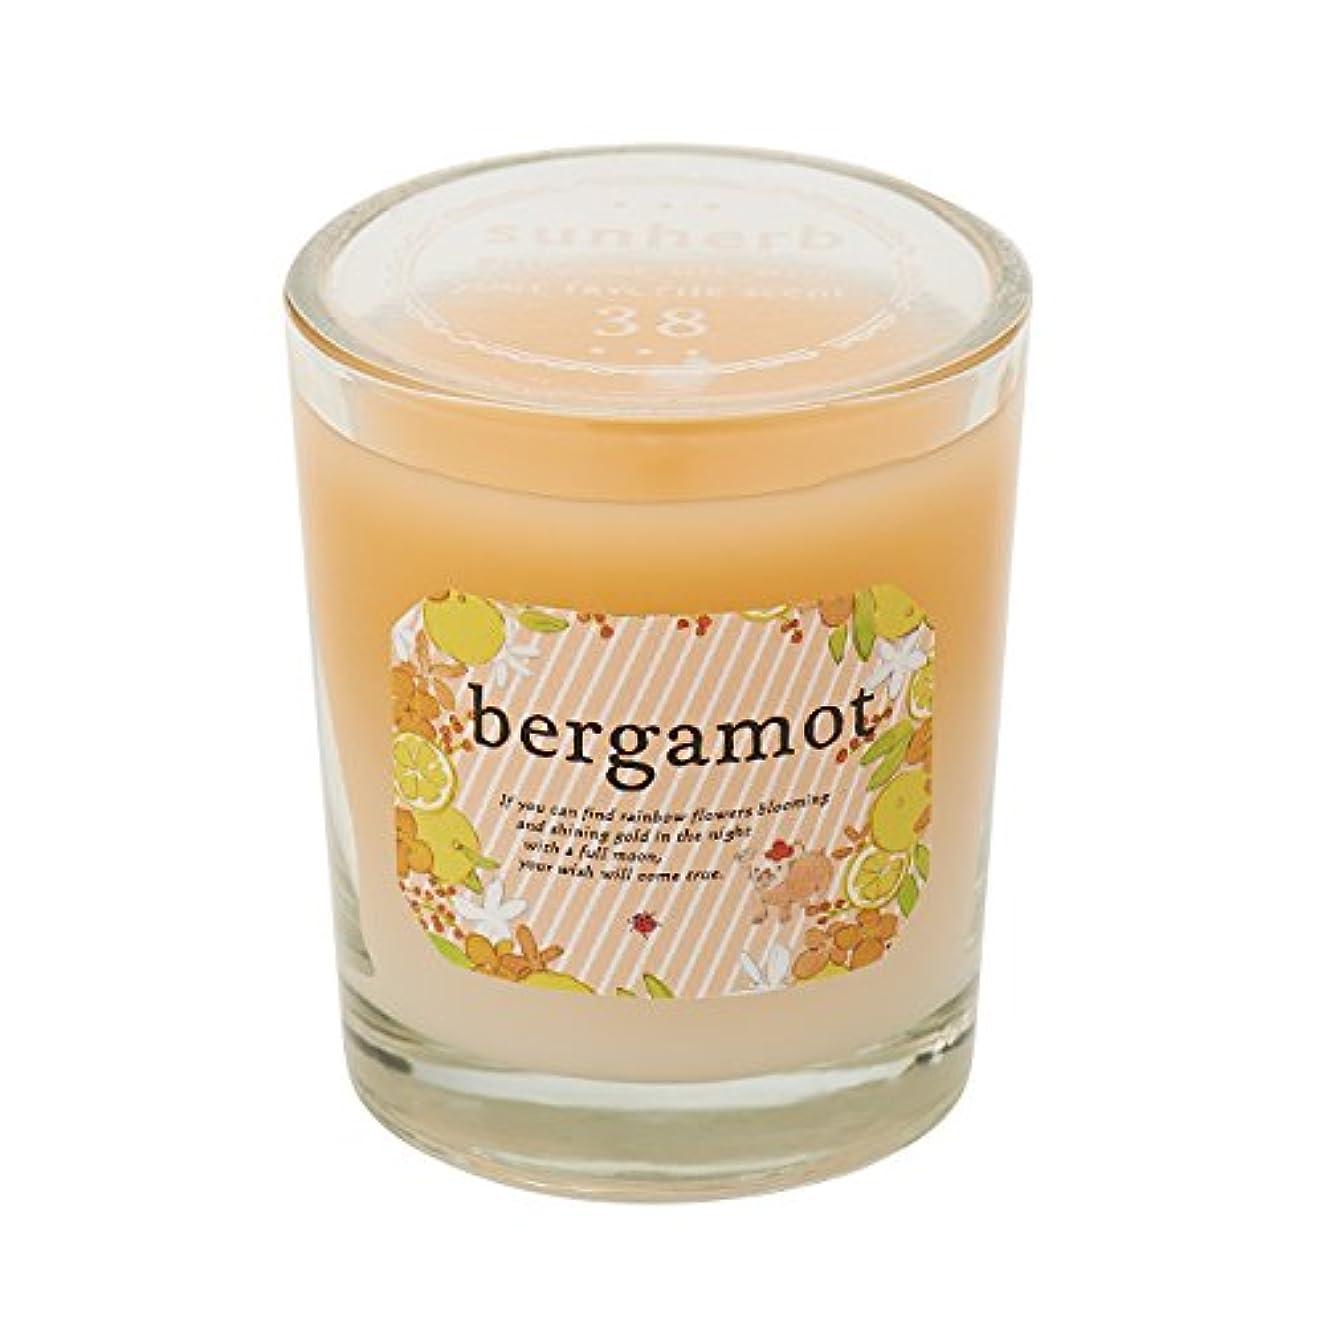 無駄な昨日笑いサンハーブ グラスキャンドル ベルガモット 35g(グラデーションろうそく 燃焼時間約10時間 懐かしい甘酸っぱい香り)